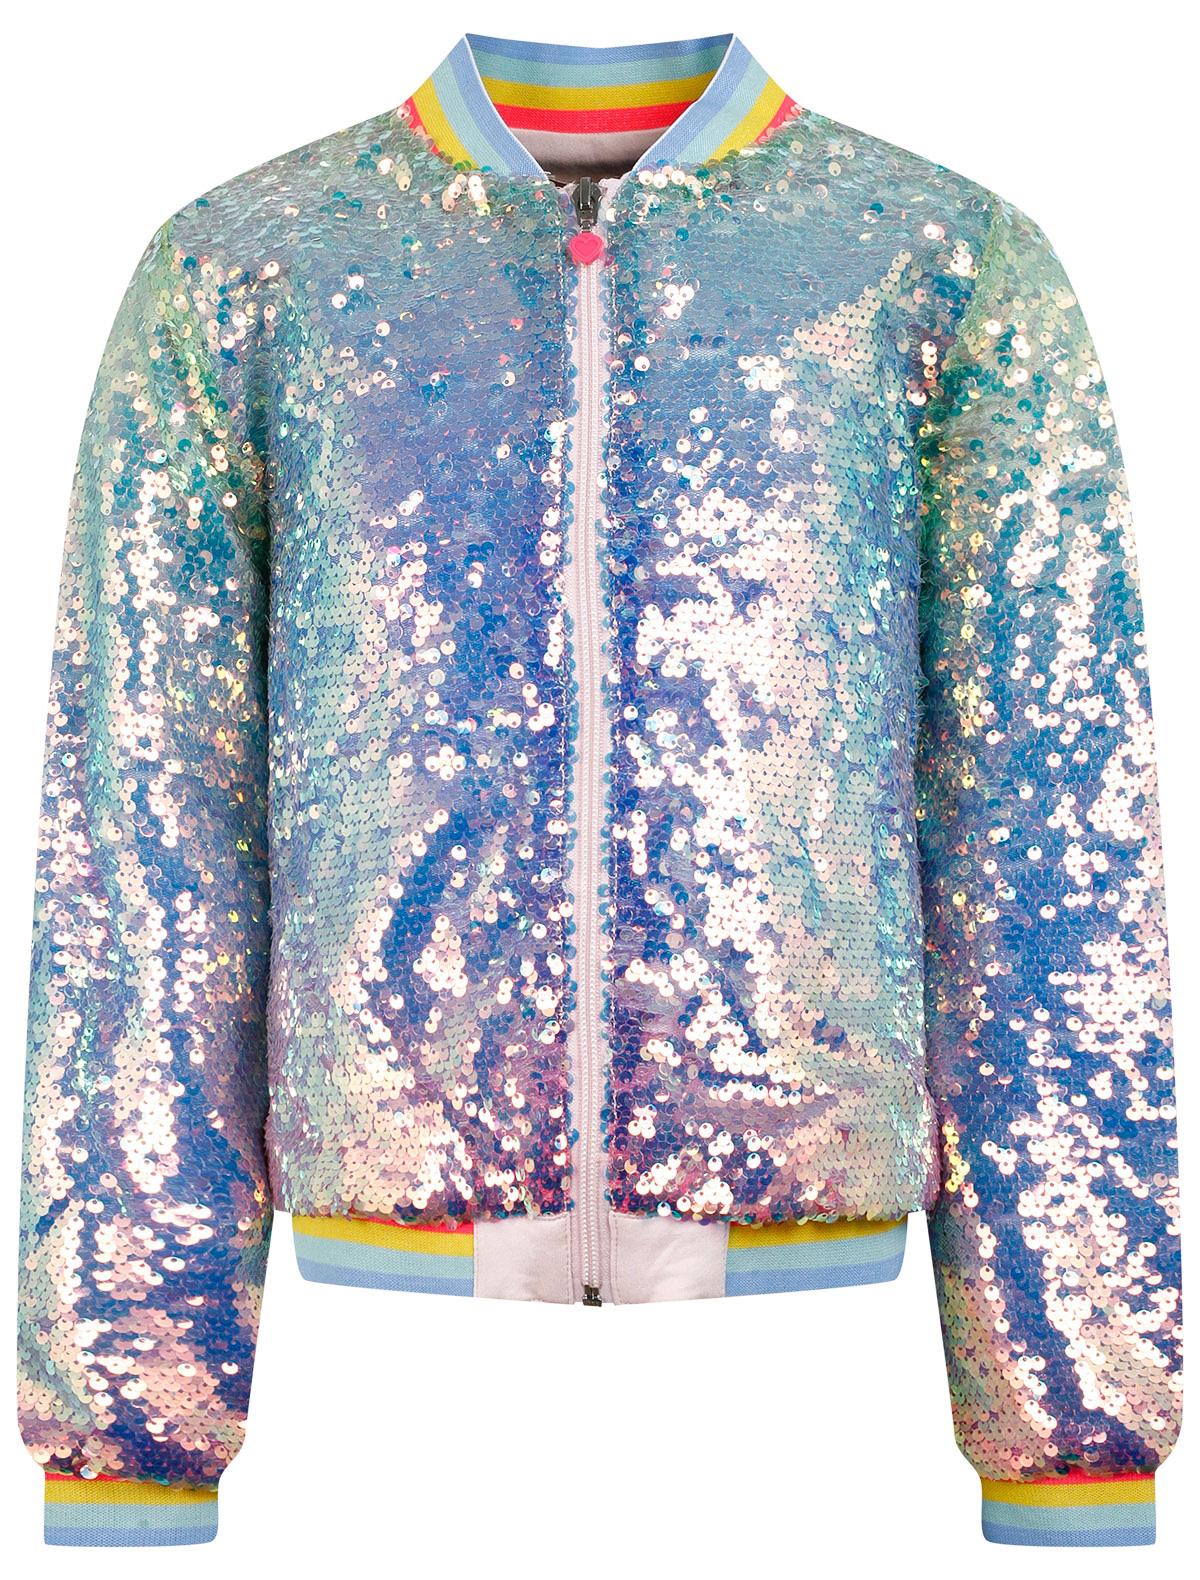 Купить 2311239, Куртка Billieblush, розовый, Женский, 1074509174080